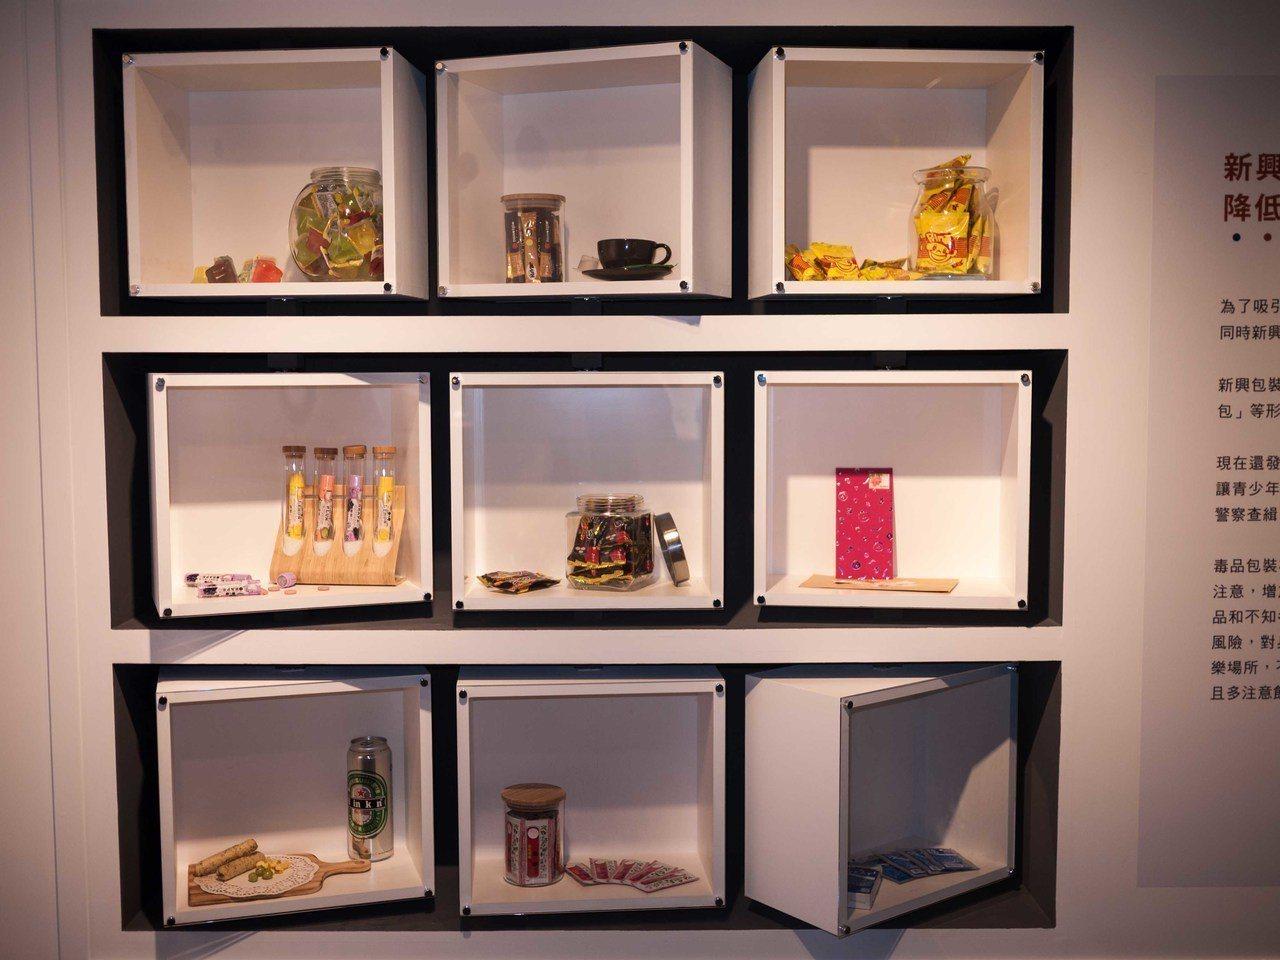 教育部曾舉辦識毒展,展出各式新興毒品包裝。圖/本報資料照片